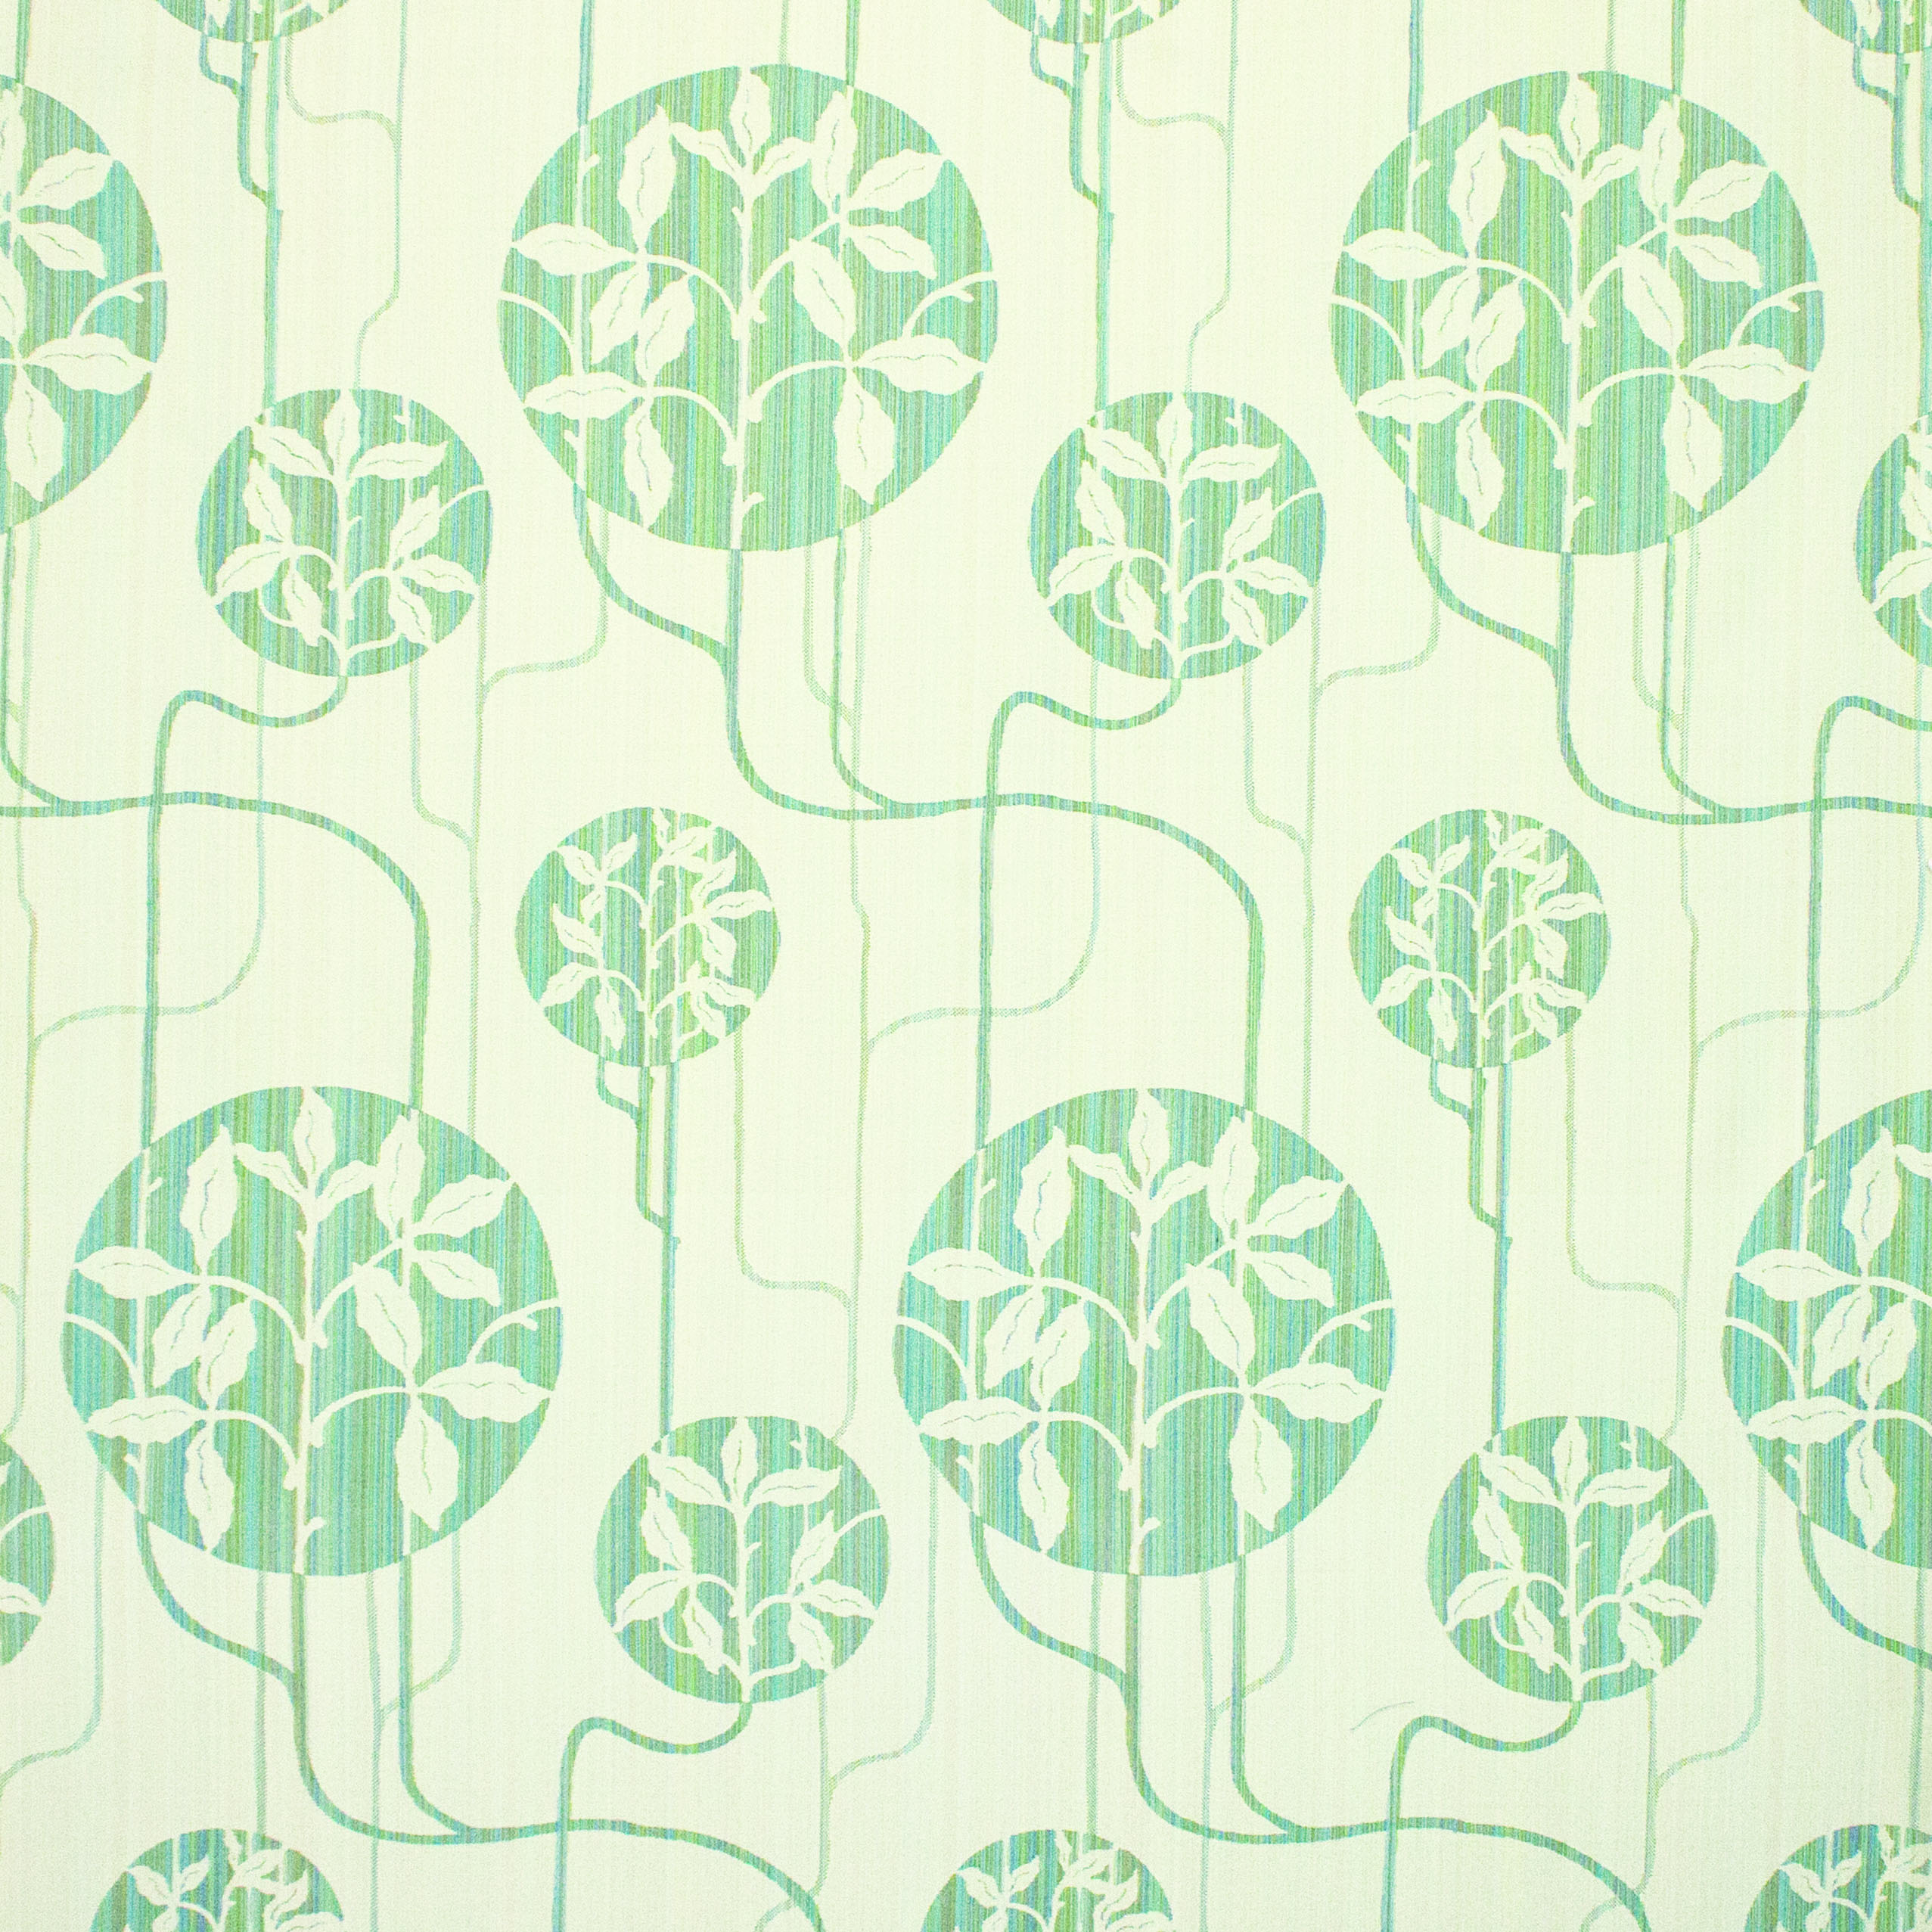 Leafdrops-Aqua